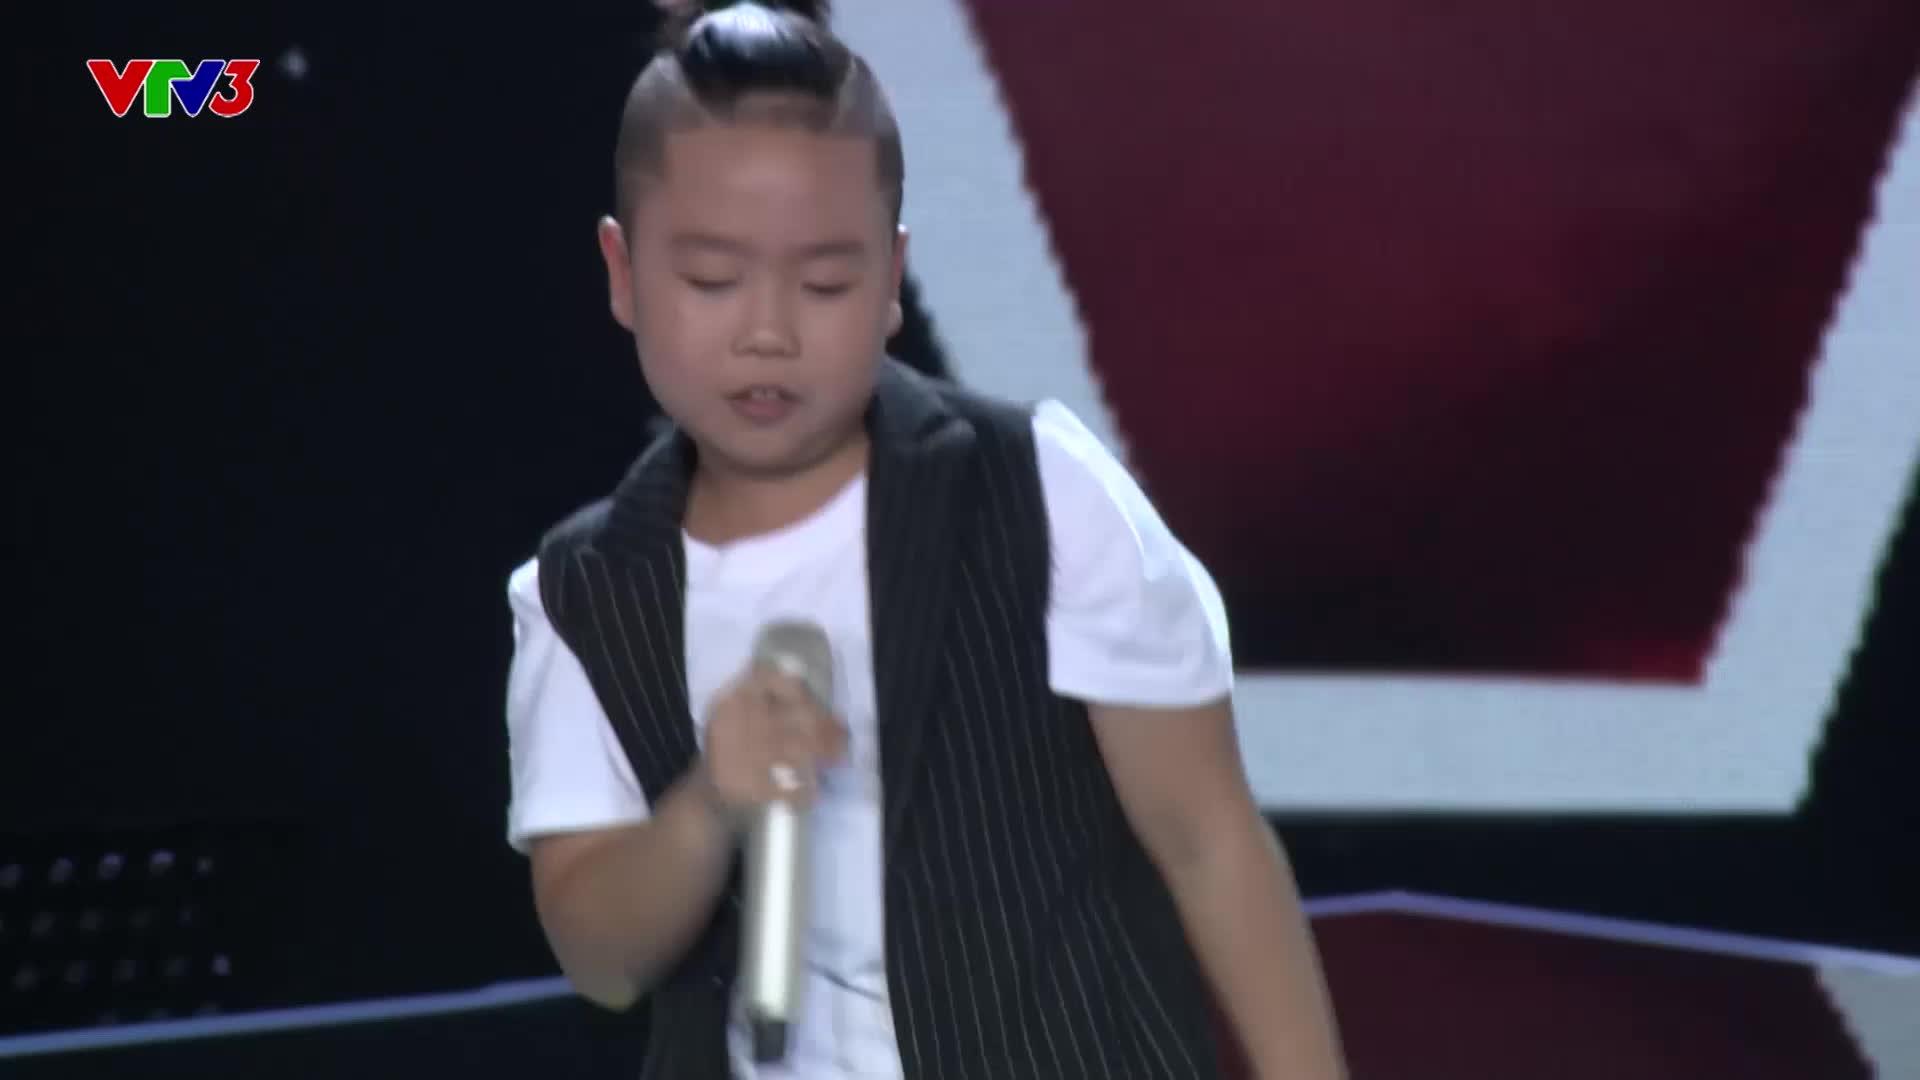 Sụt sùi trên sân khấu, Tiên Cookie vẫn vụt mất thần đồng hát Rock vào tay Soobin Hoàng Sơn